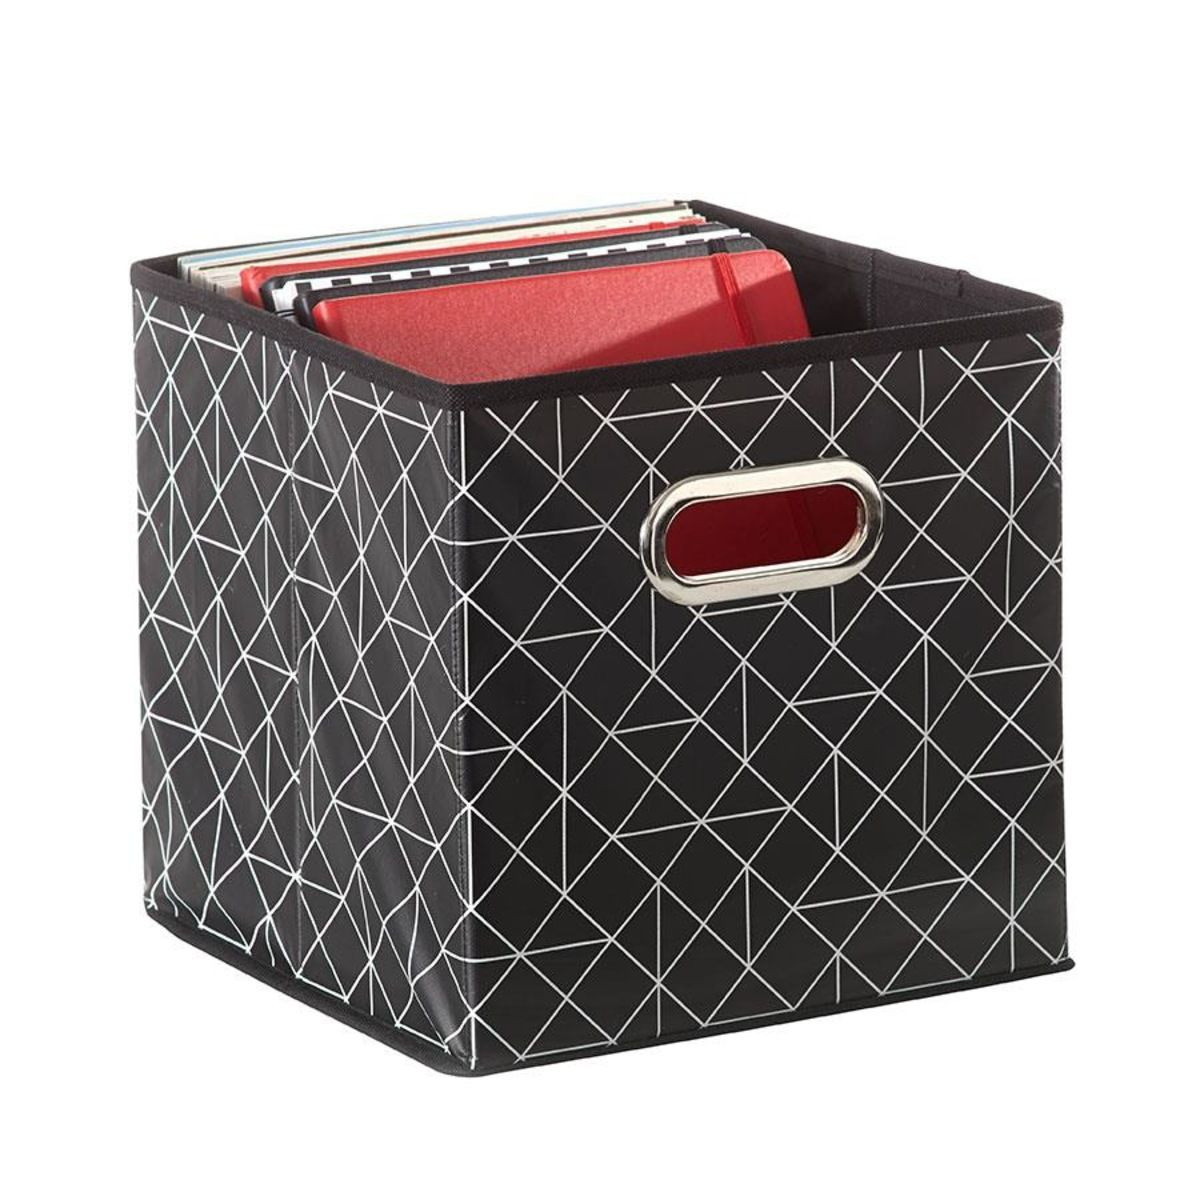 storage Cube Geo homemaker Cube storage, Storage